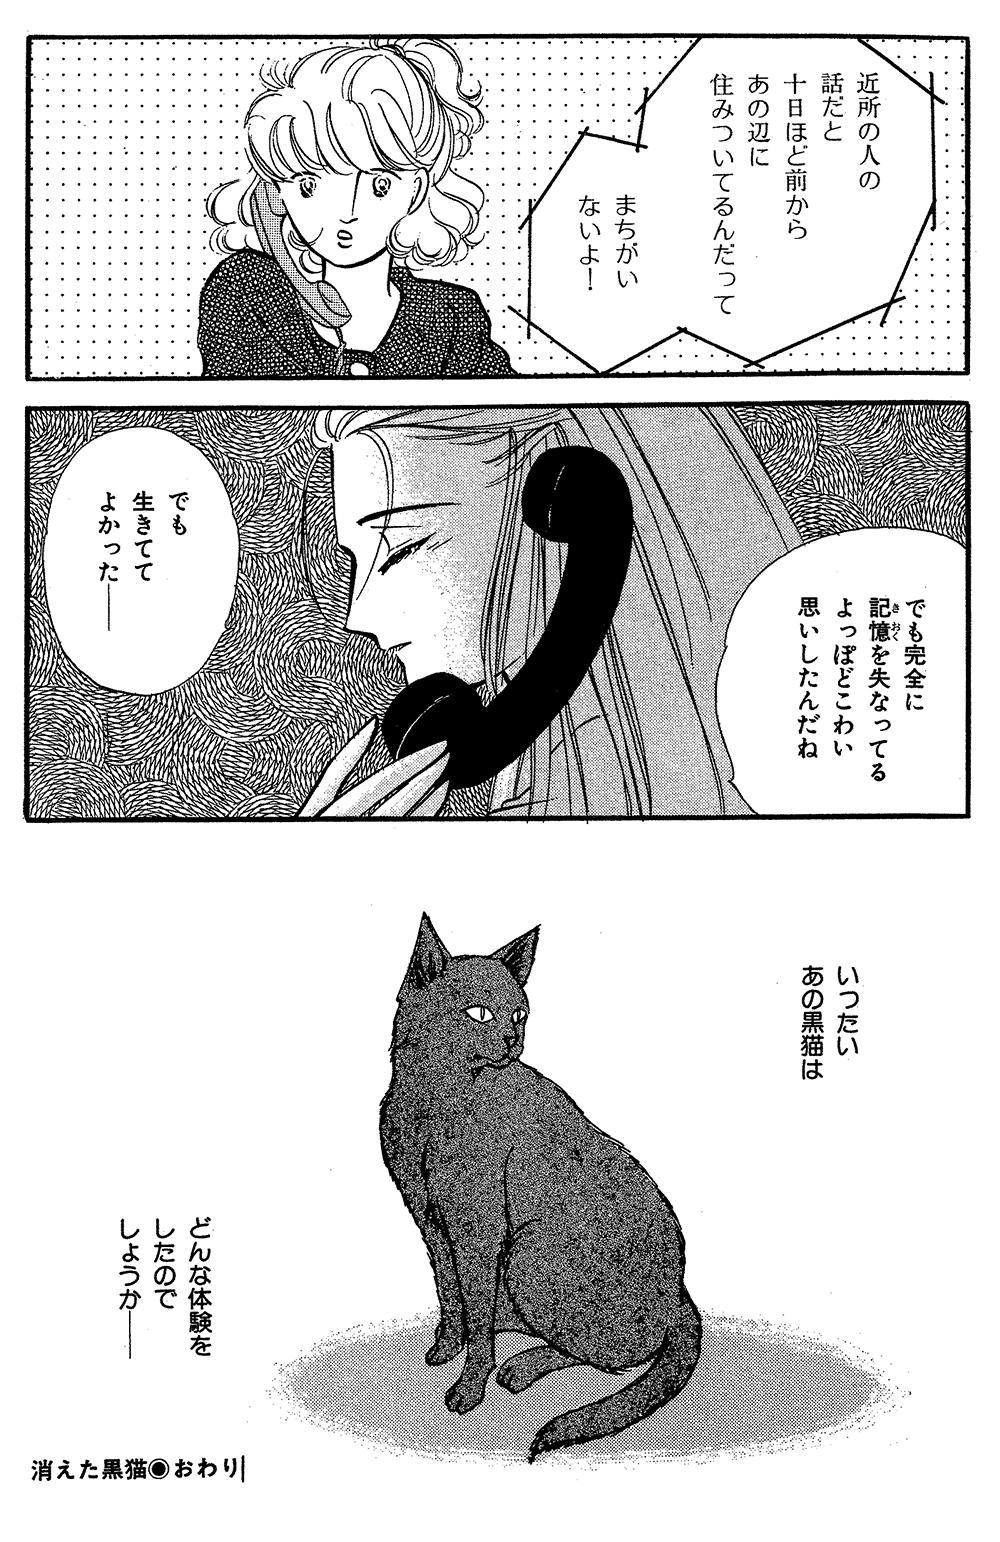 魔百合の恐怖報告  第3話「消えた黒猫」③mayuri09-09.jpg